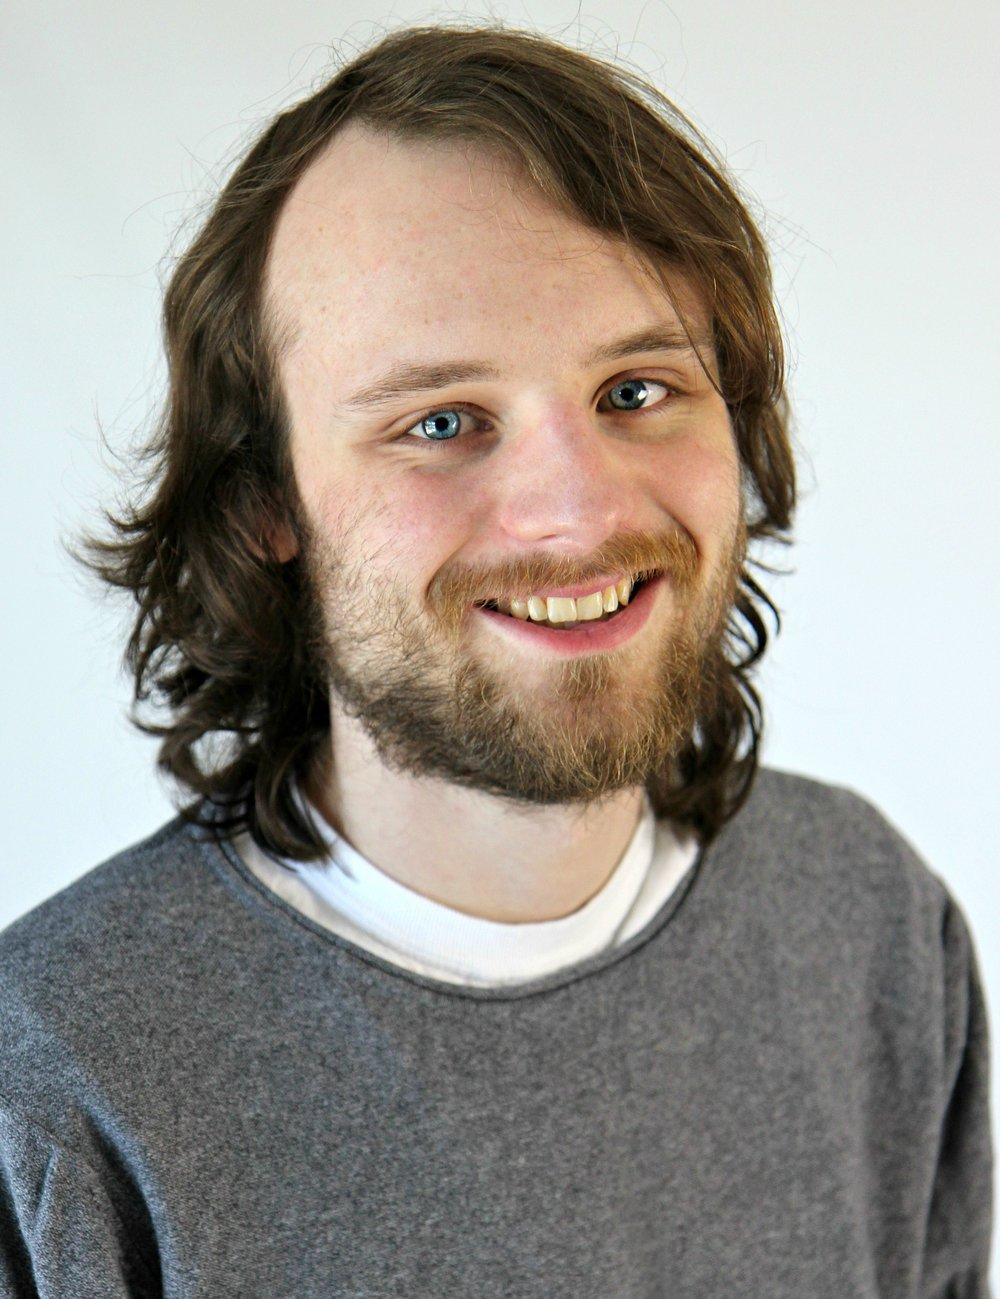 Josh Sunderman